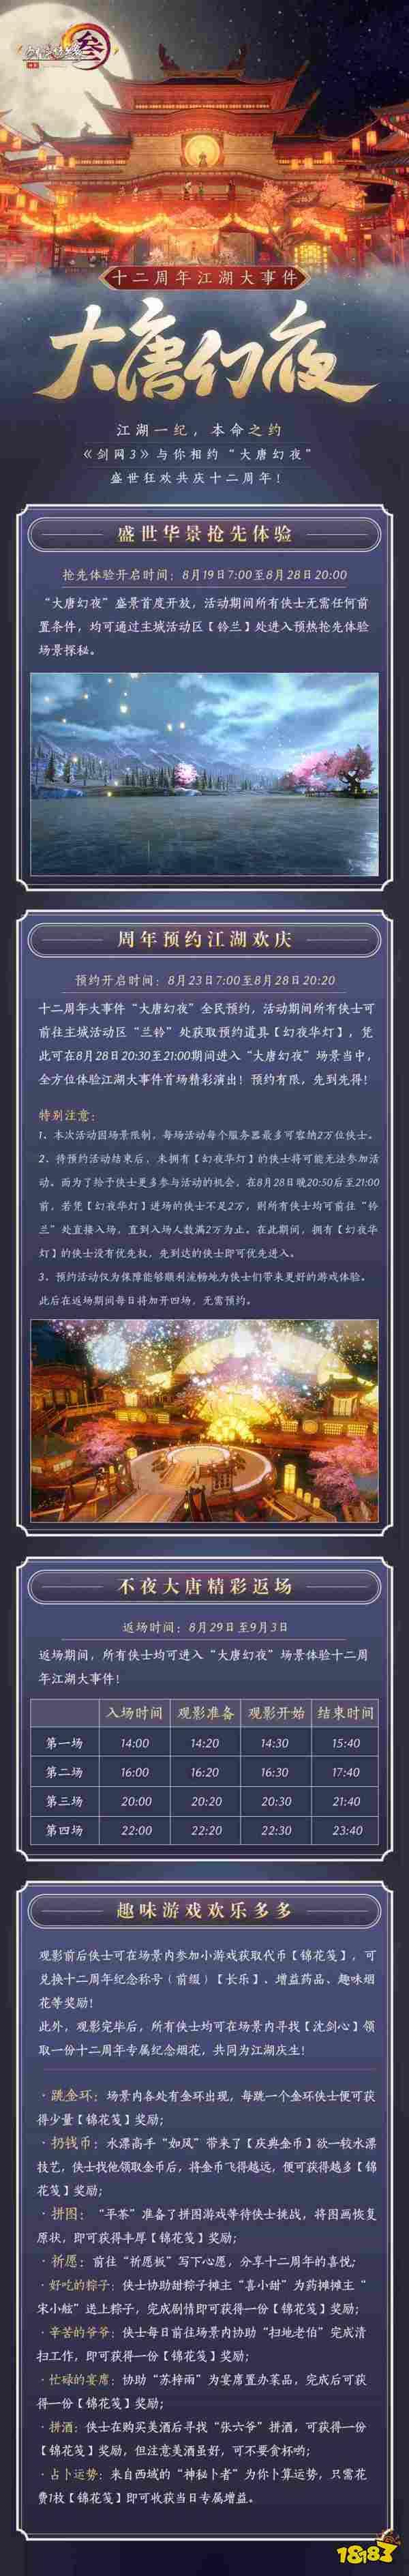 《剑网3》十二周年纪念MV《万象长安》首映 发布盛典今晚开幕